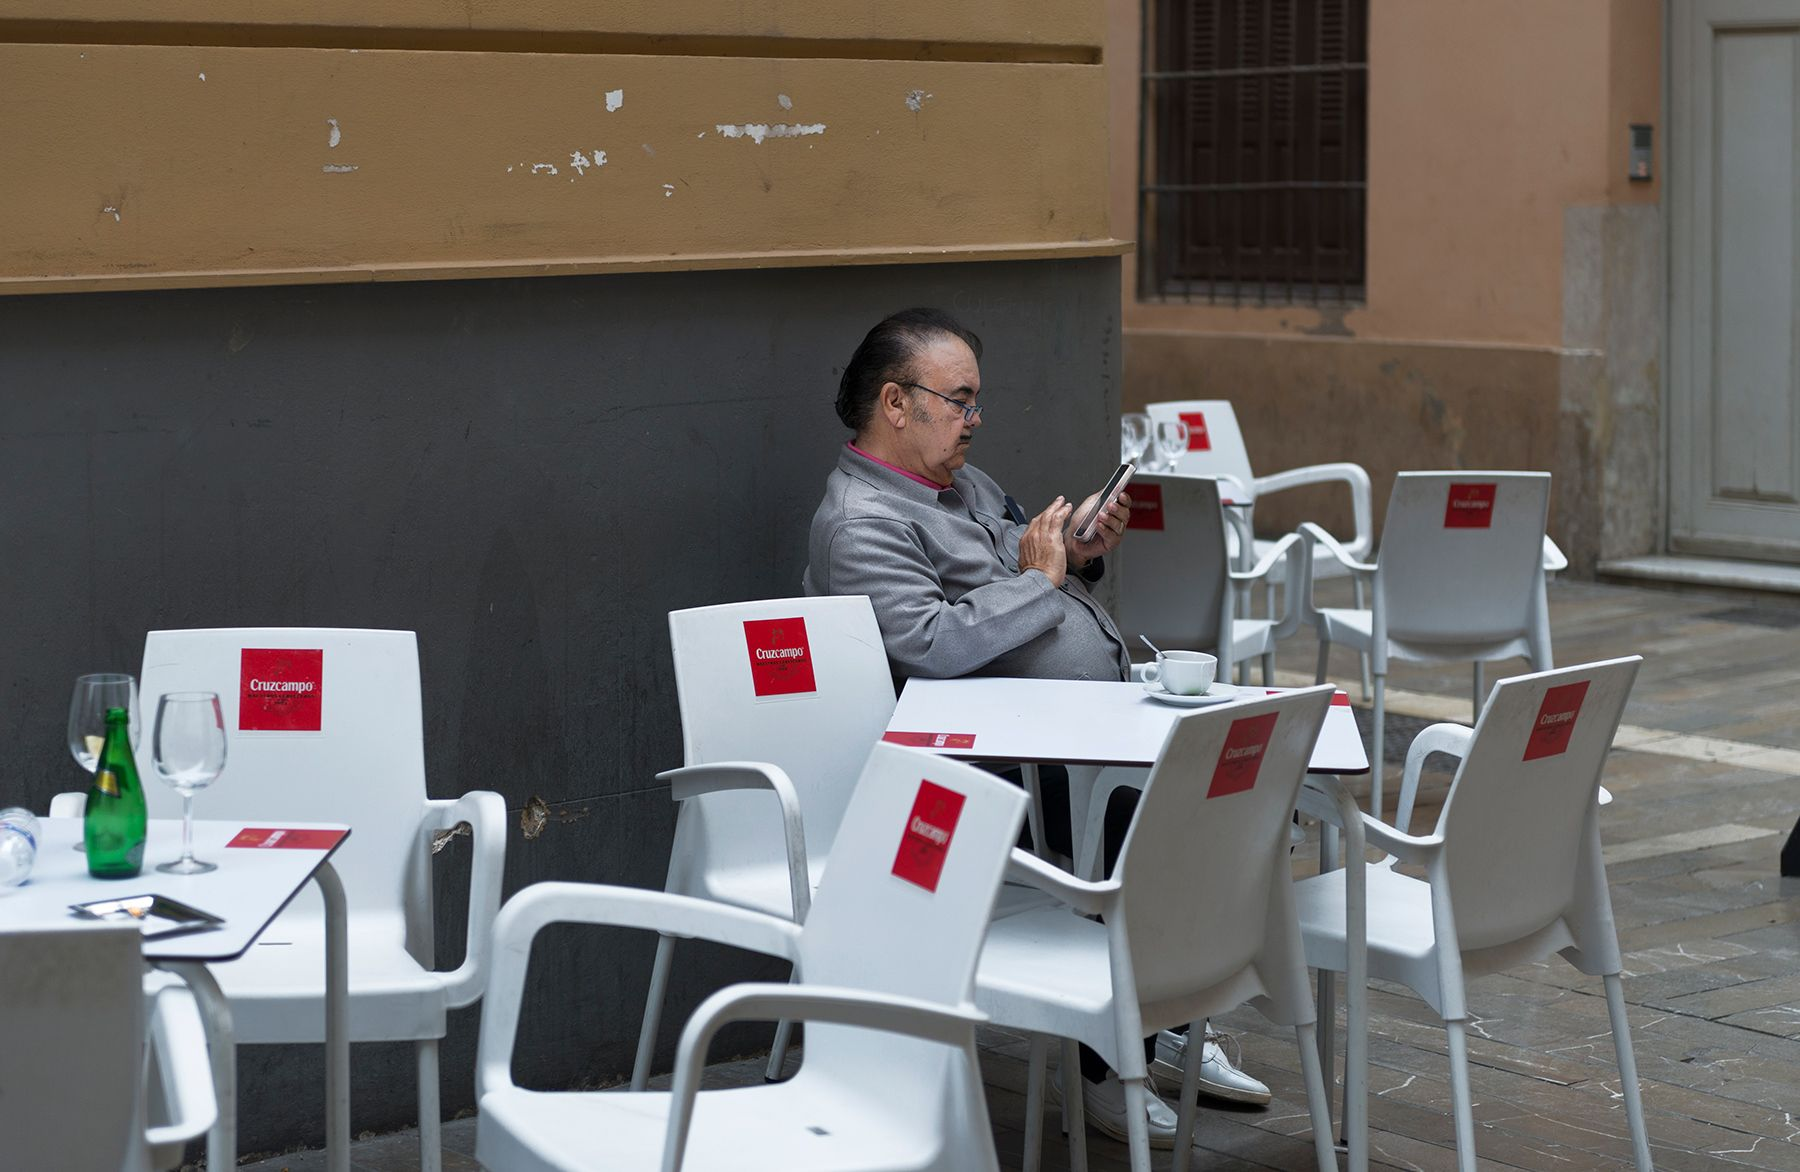 El hombre del móvil y el café